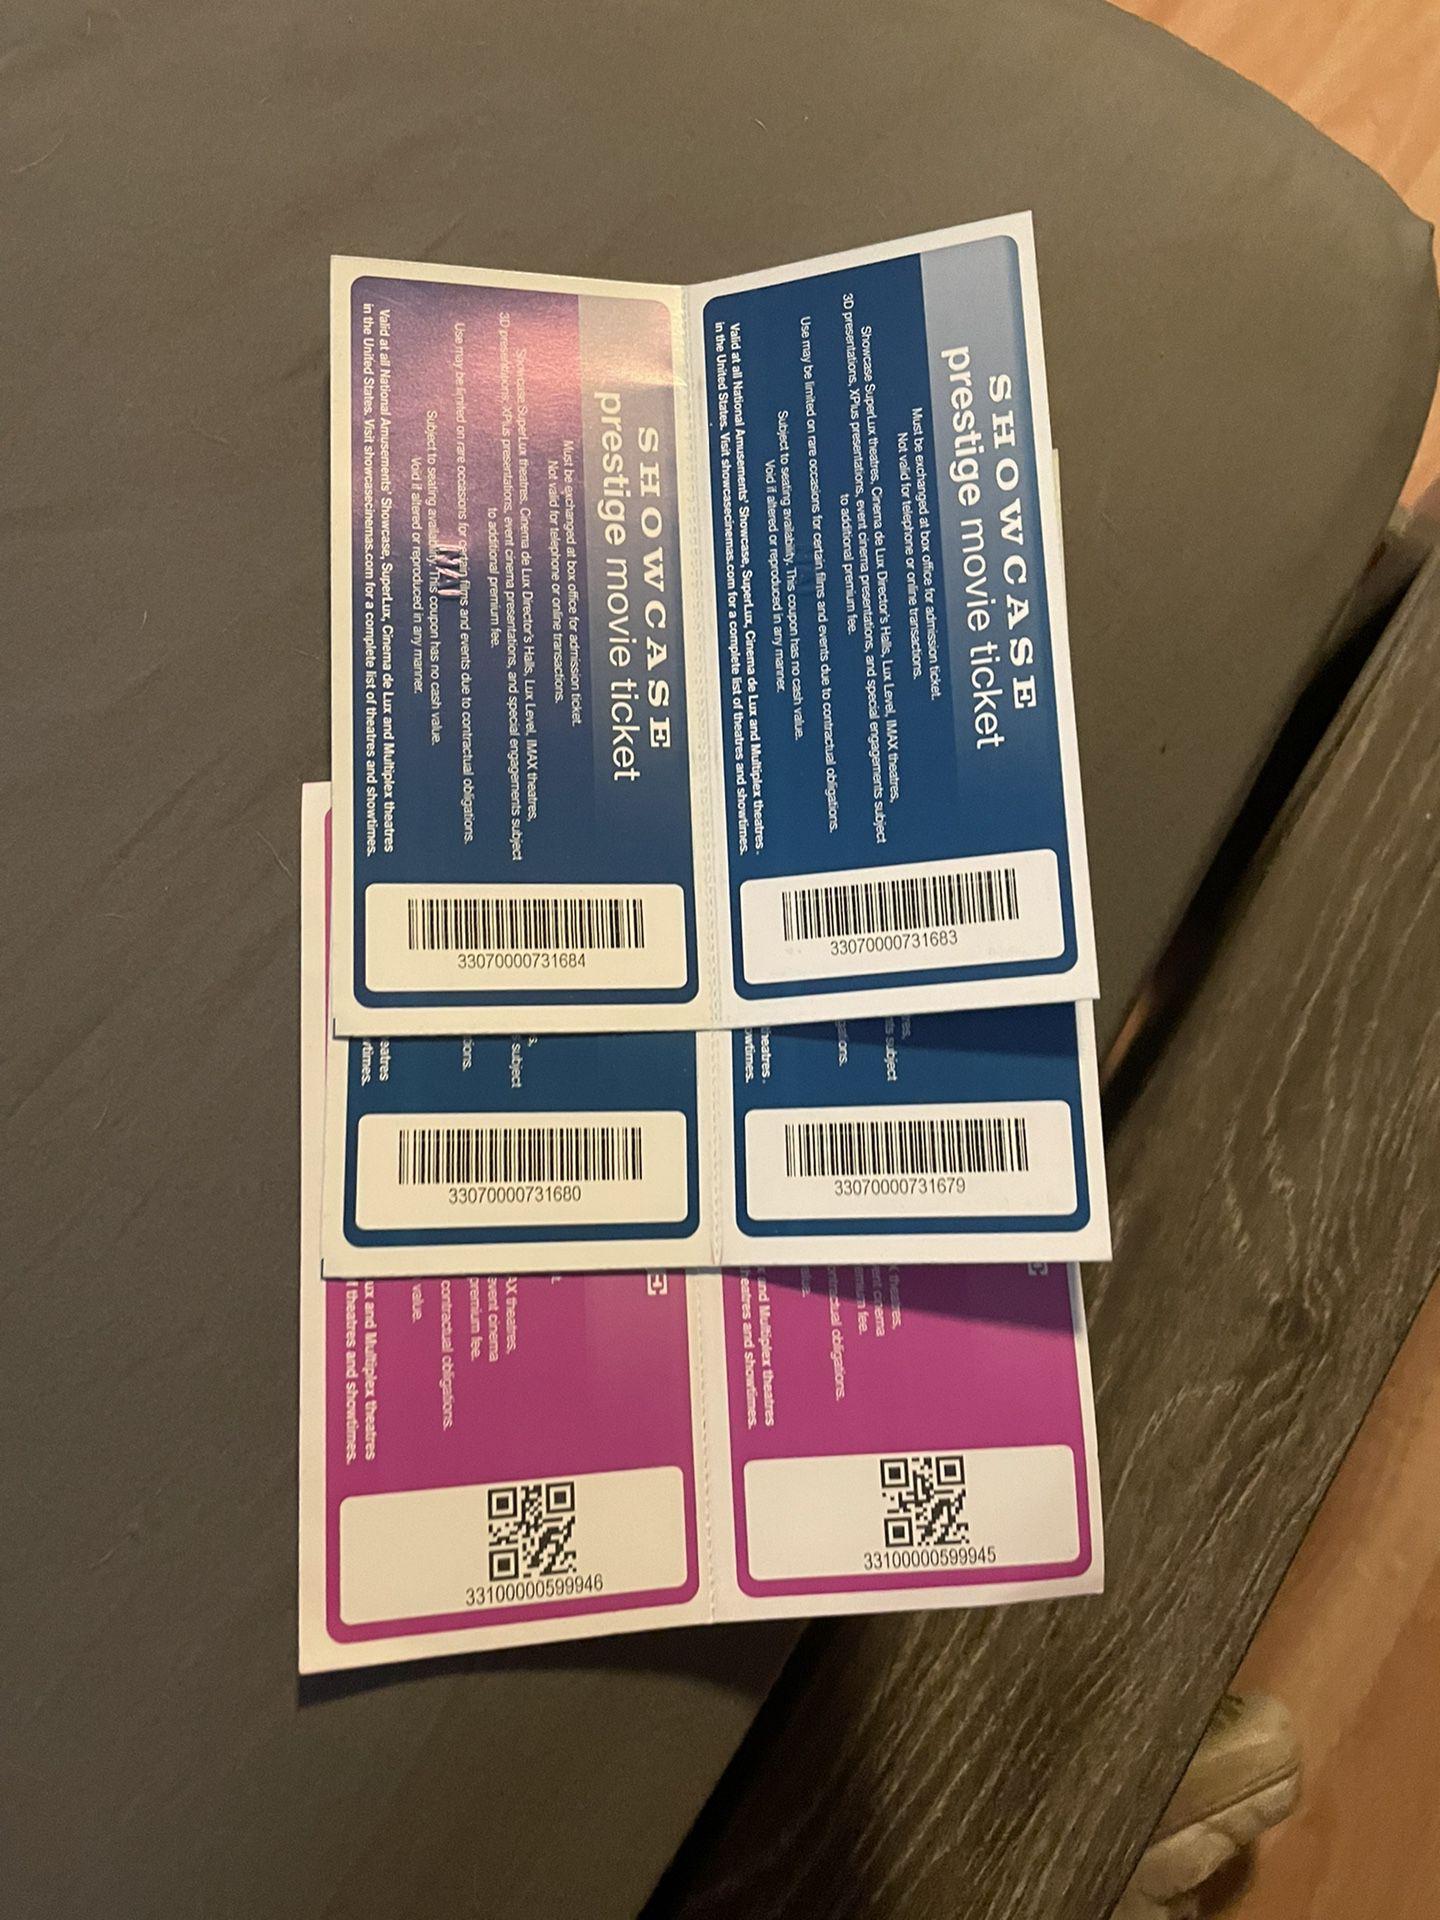 6x Showcase Cinema Tickets